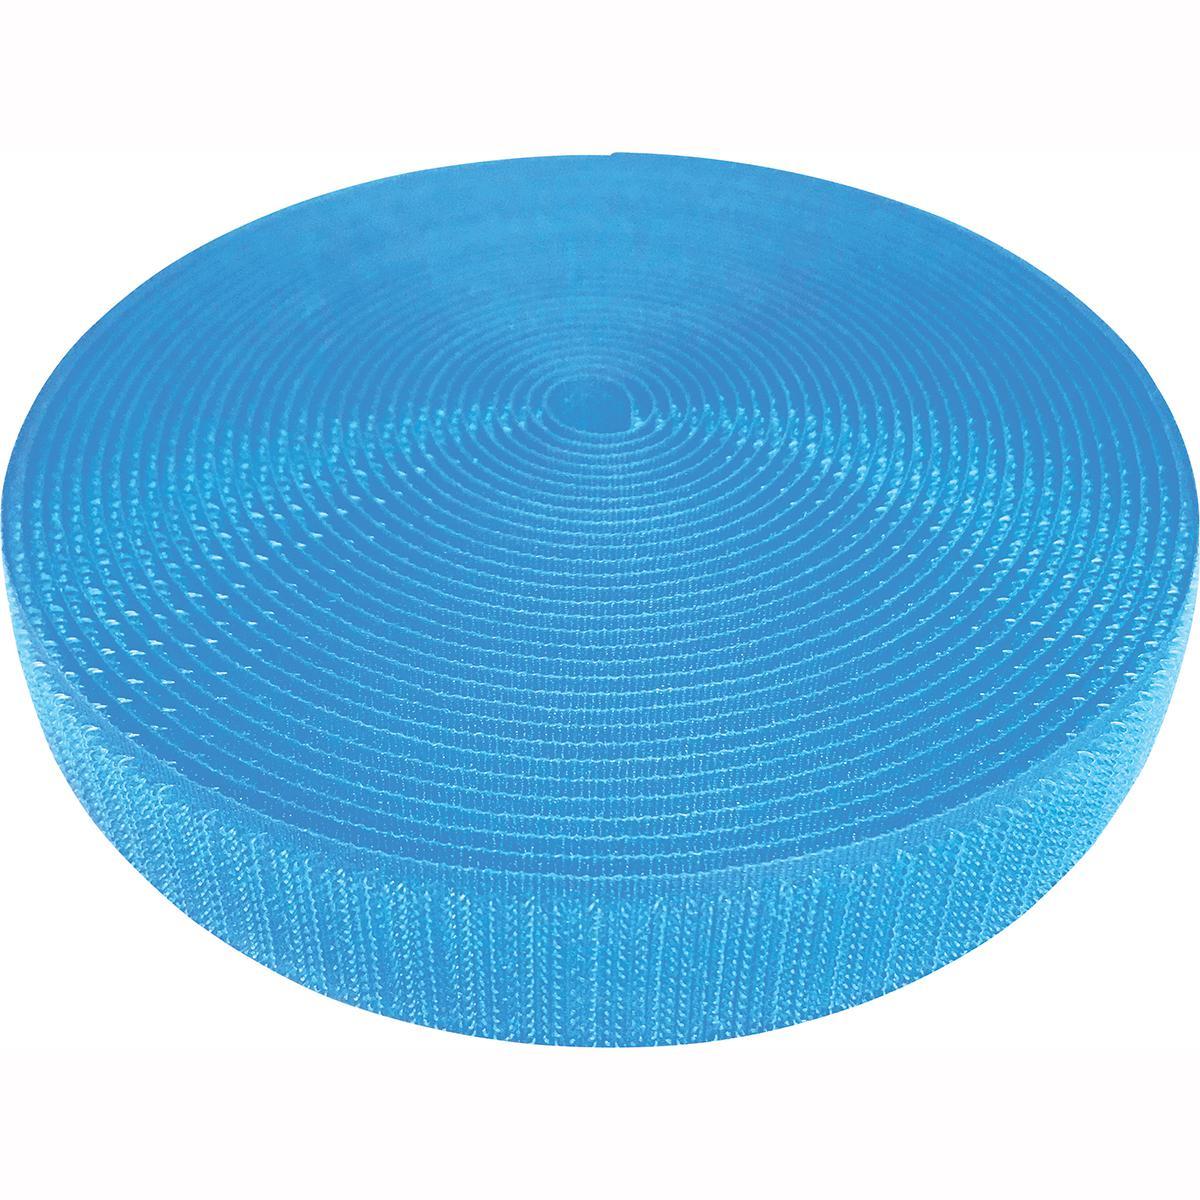 Repères pour moquette Spot On® : Ruban adhésif bleu